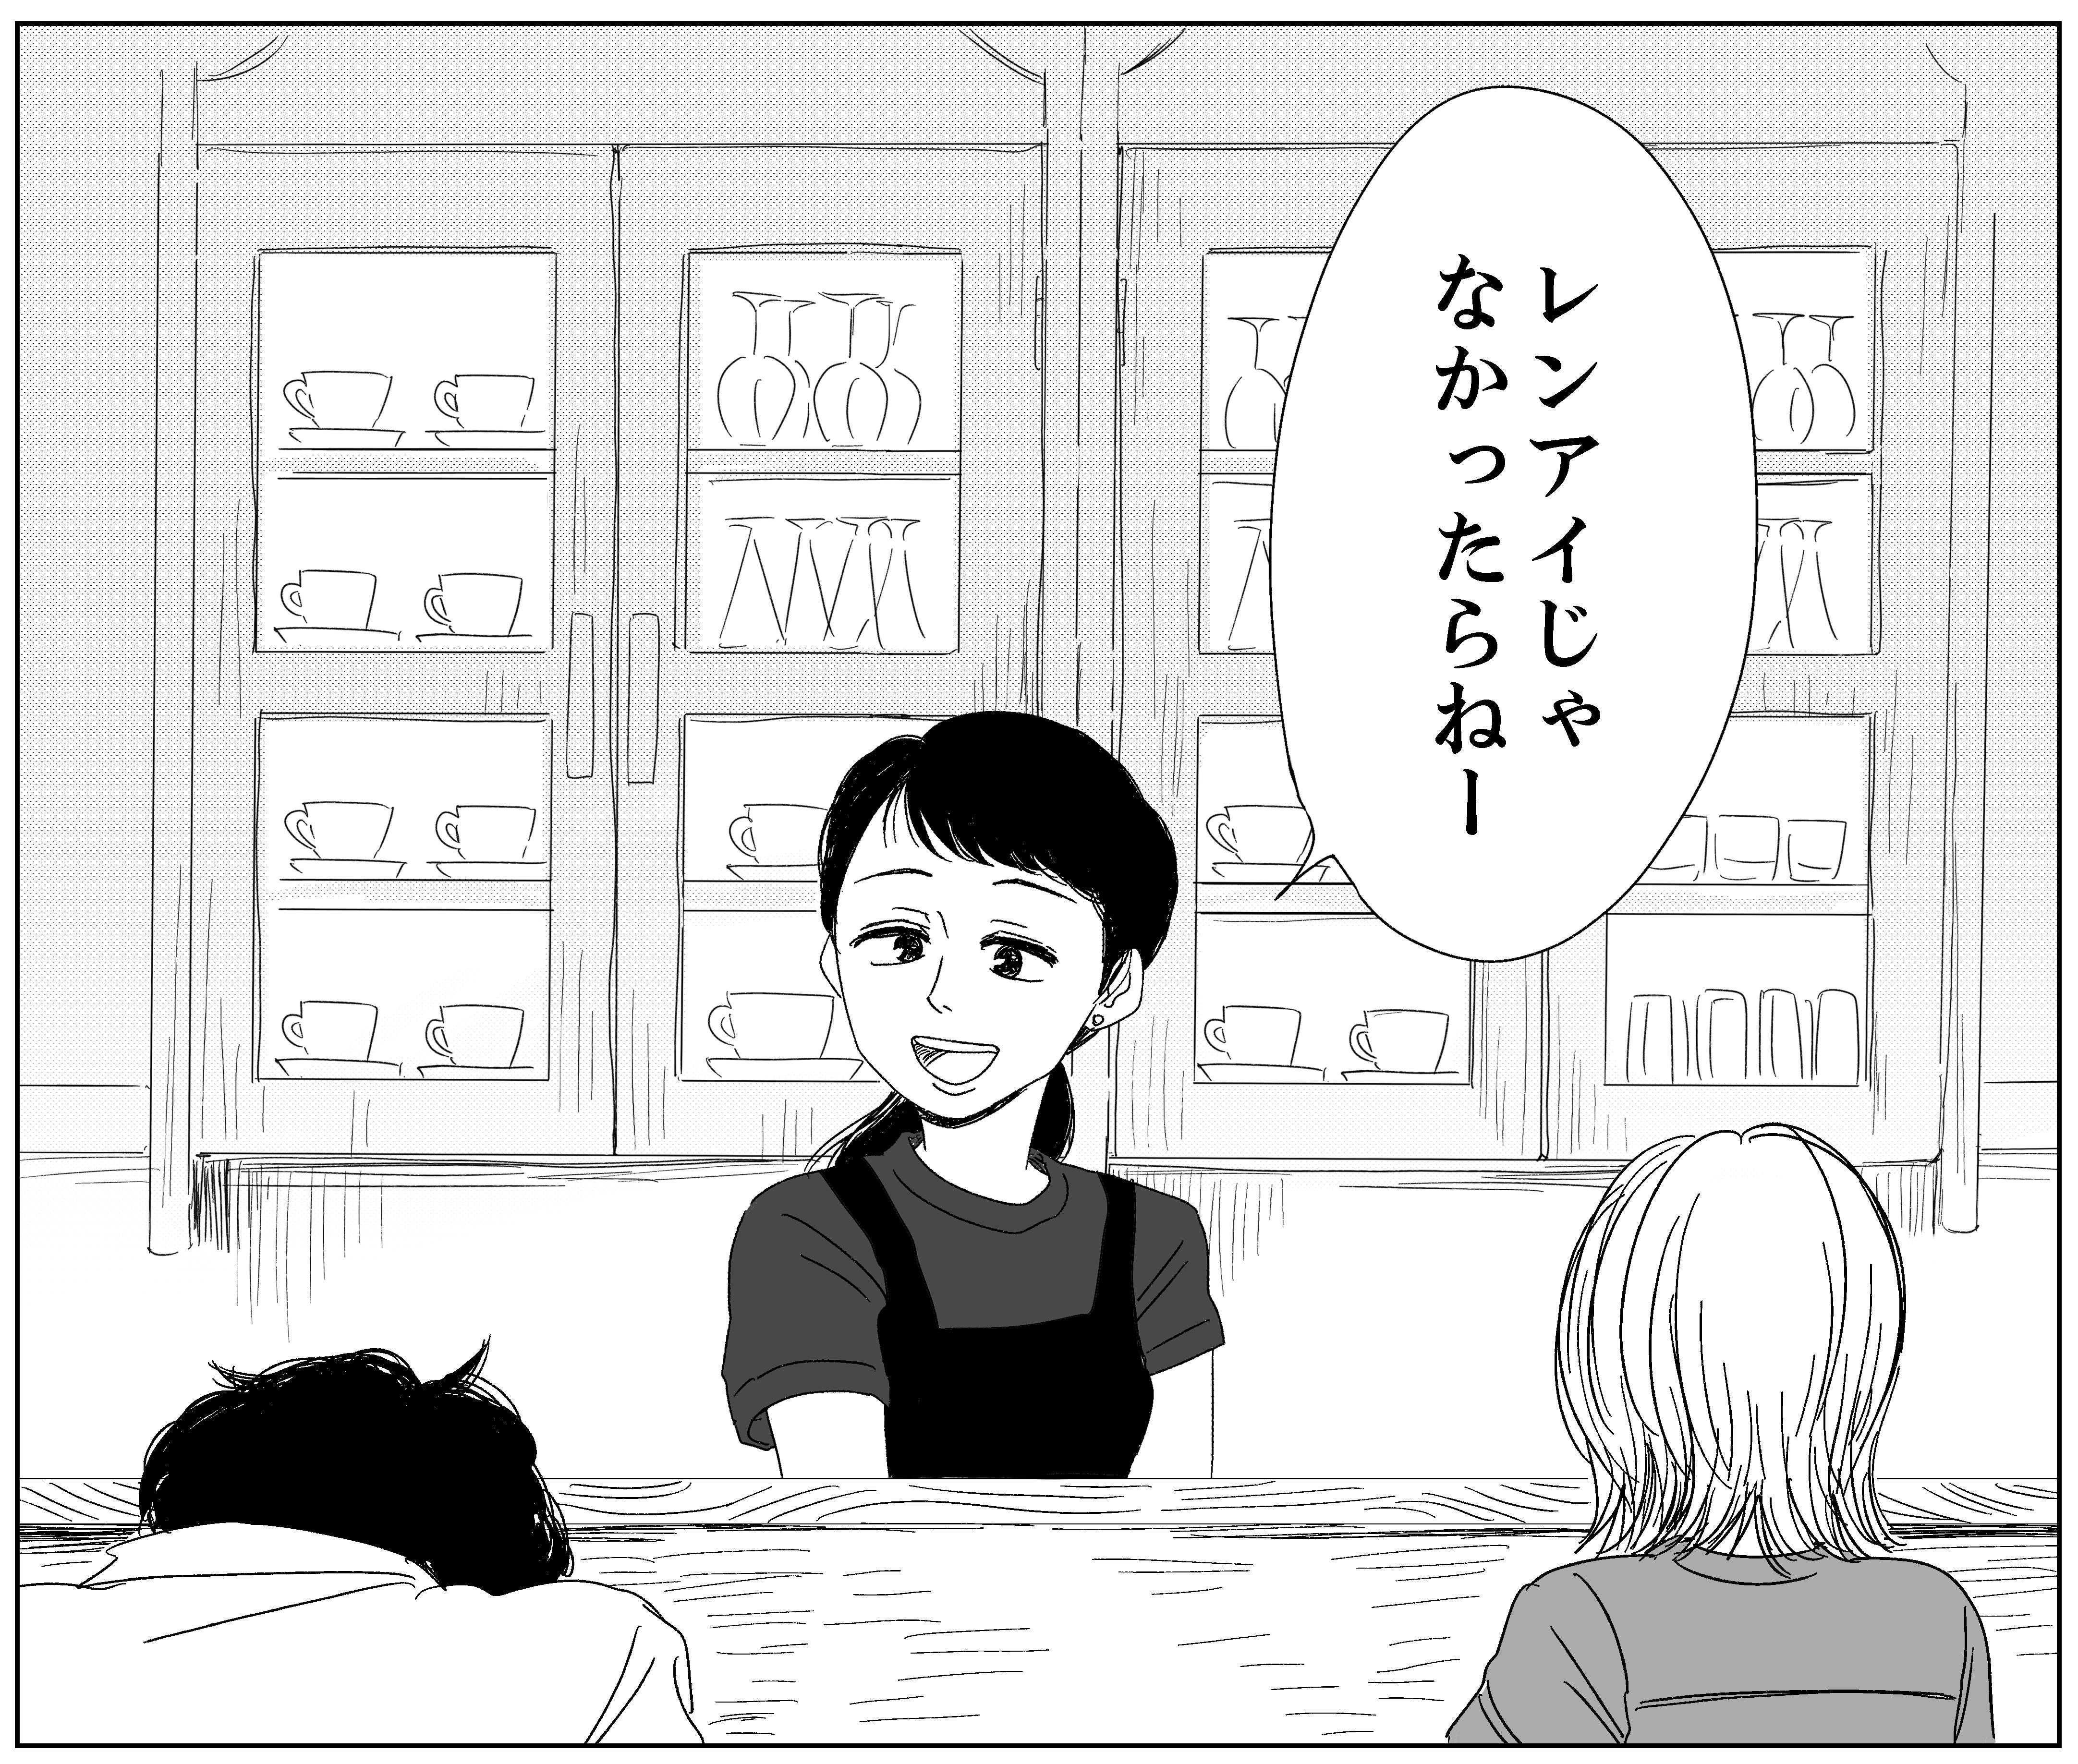 【漫画】「私にはダーリンがいるの」人生を変える出会い/もしも世界に「レンアイ」がなかったら(4)